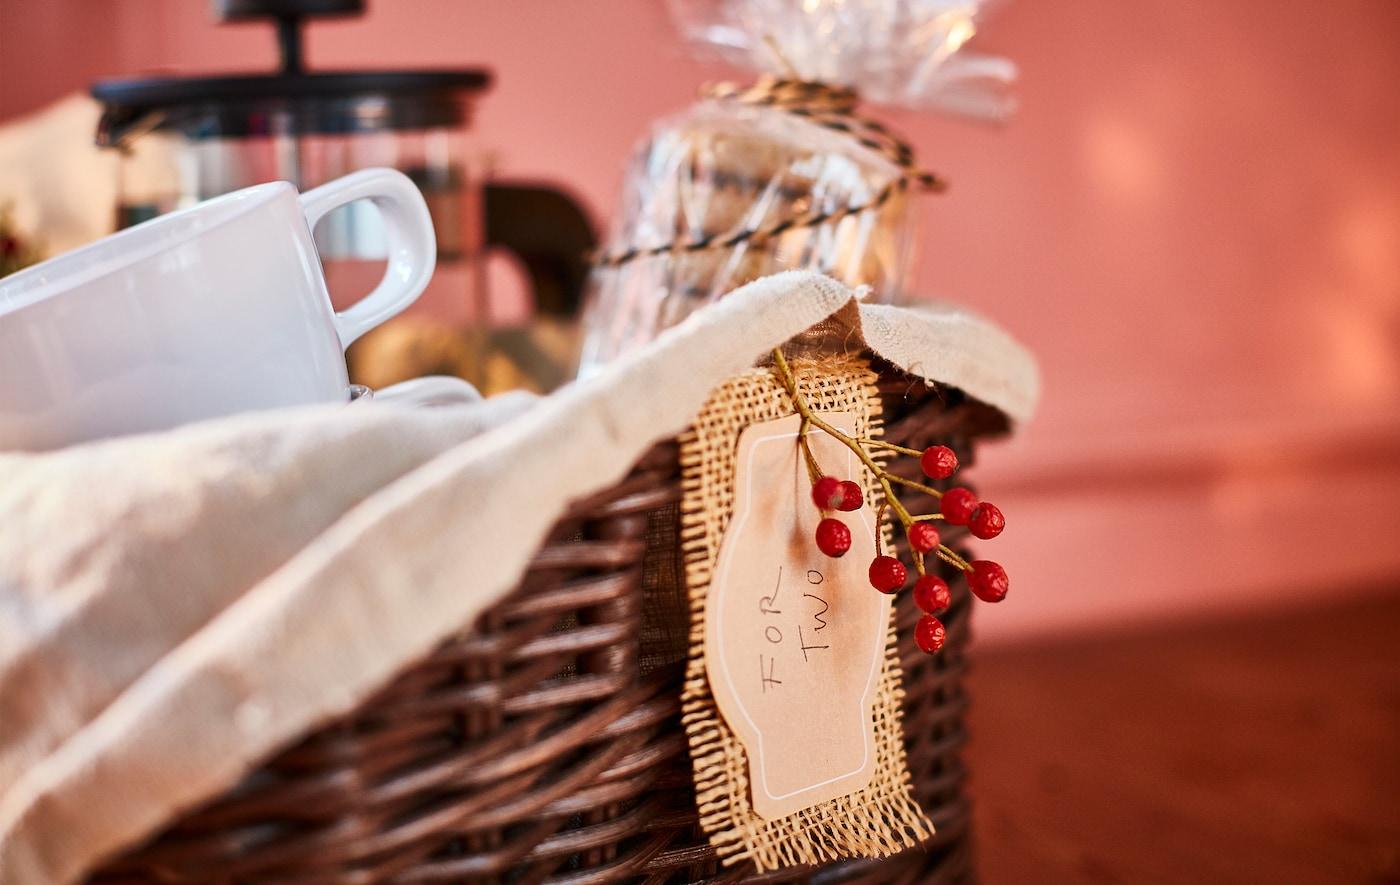 Prezentowy kosz z owiniętymi celofanem herbatnikami, filiżankami, zaparzaczem i dekoracjami.